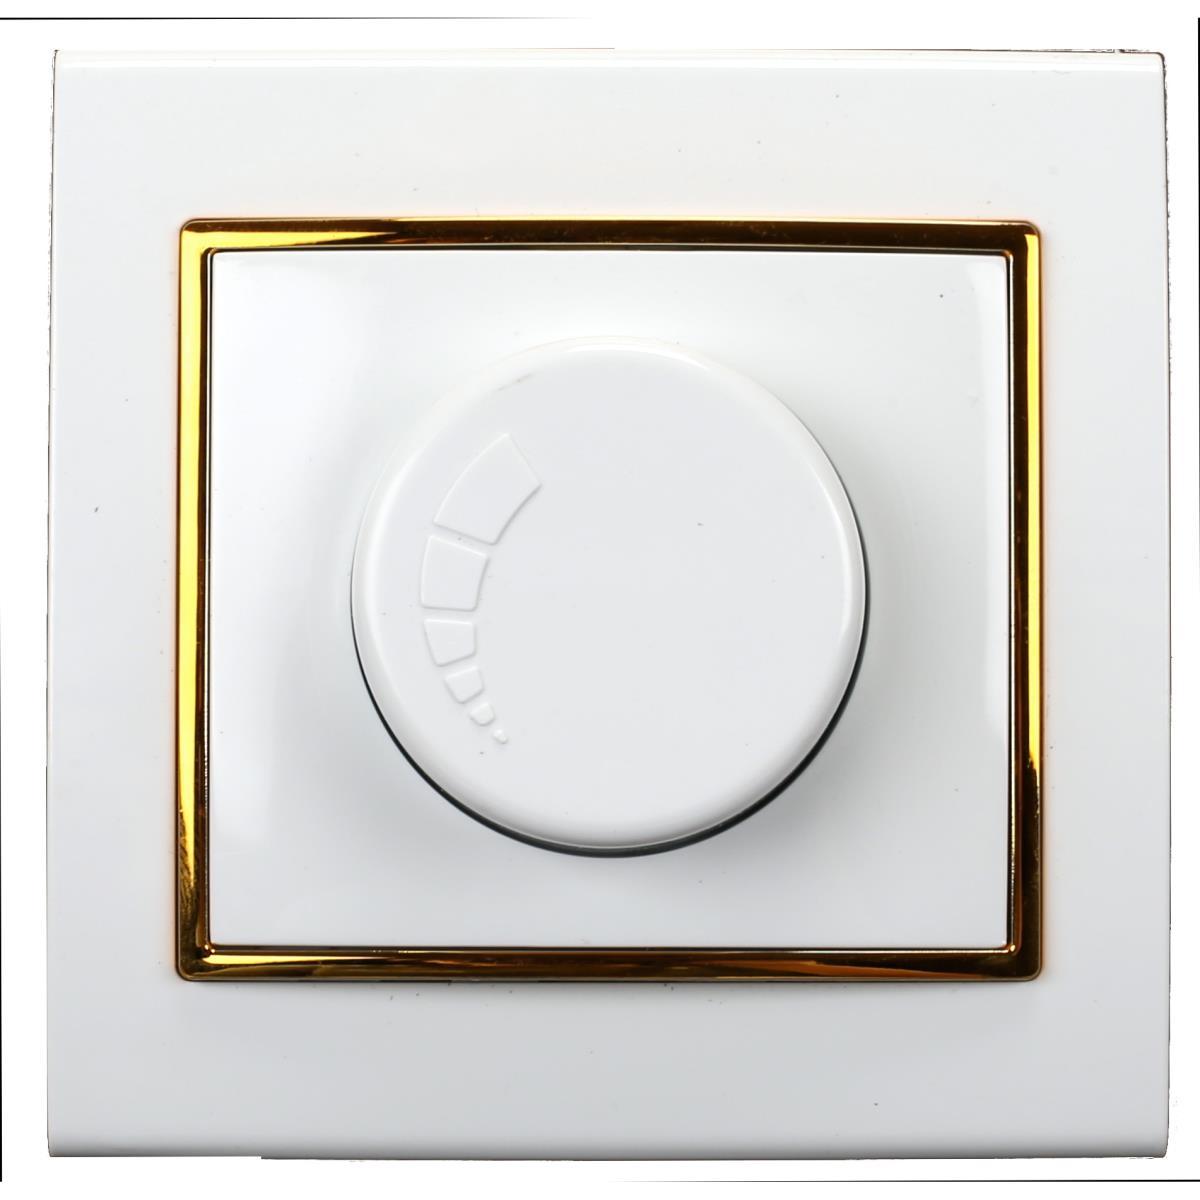 Dimmer Drehdimmer Helligkeitsregler Unterputz 400 W 230 V Farbe weiß/gold,OKKO,9209-71-G, 4772013048466